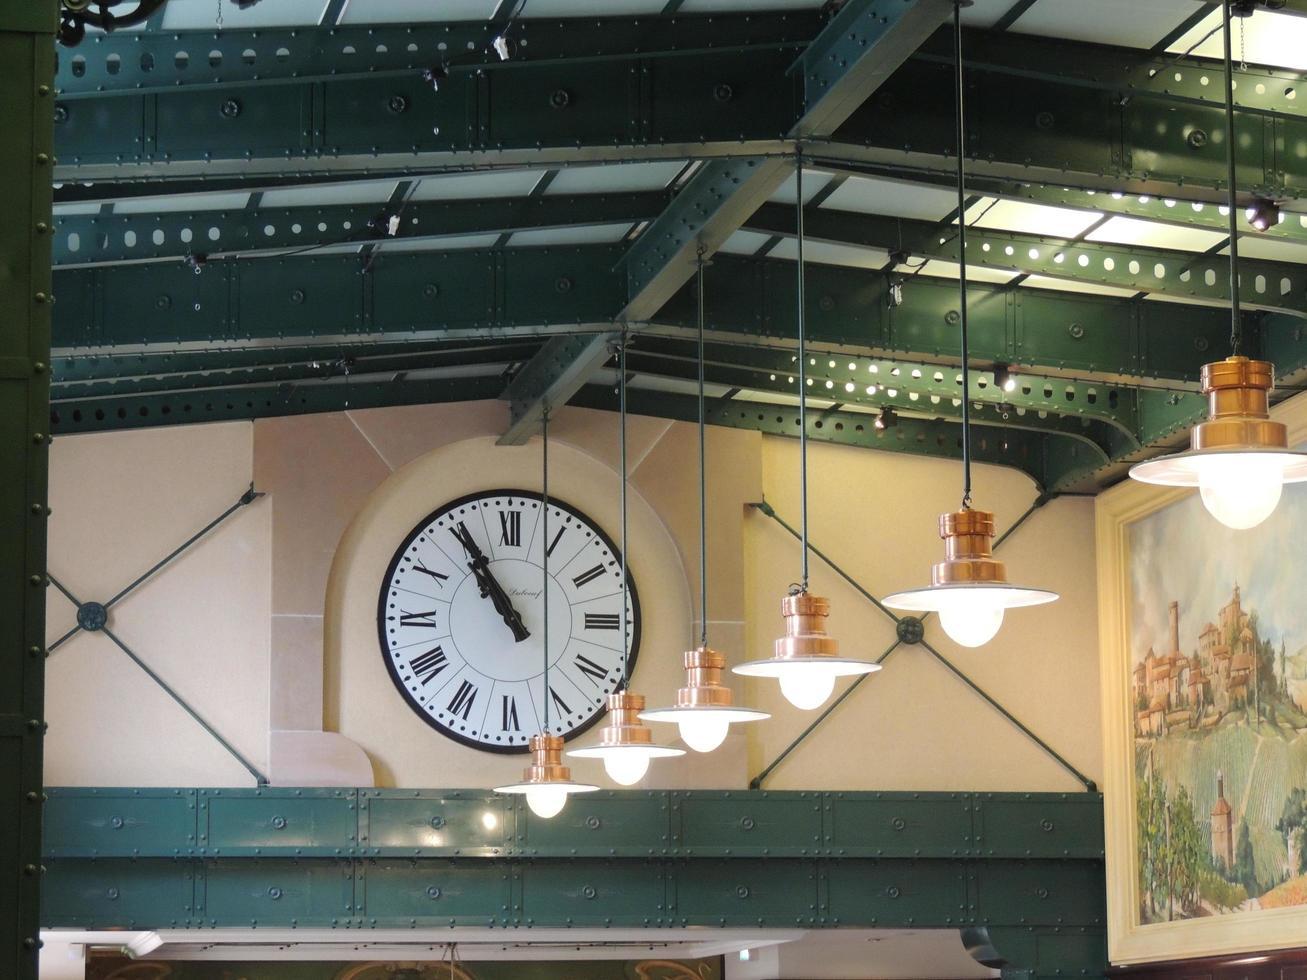 lampada a sospensione a sospensione vicino all'orologio foto